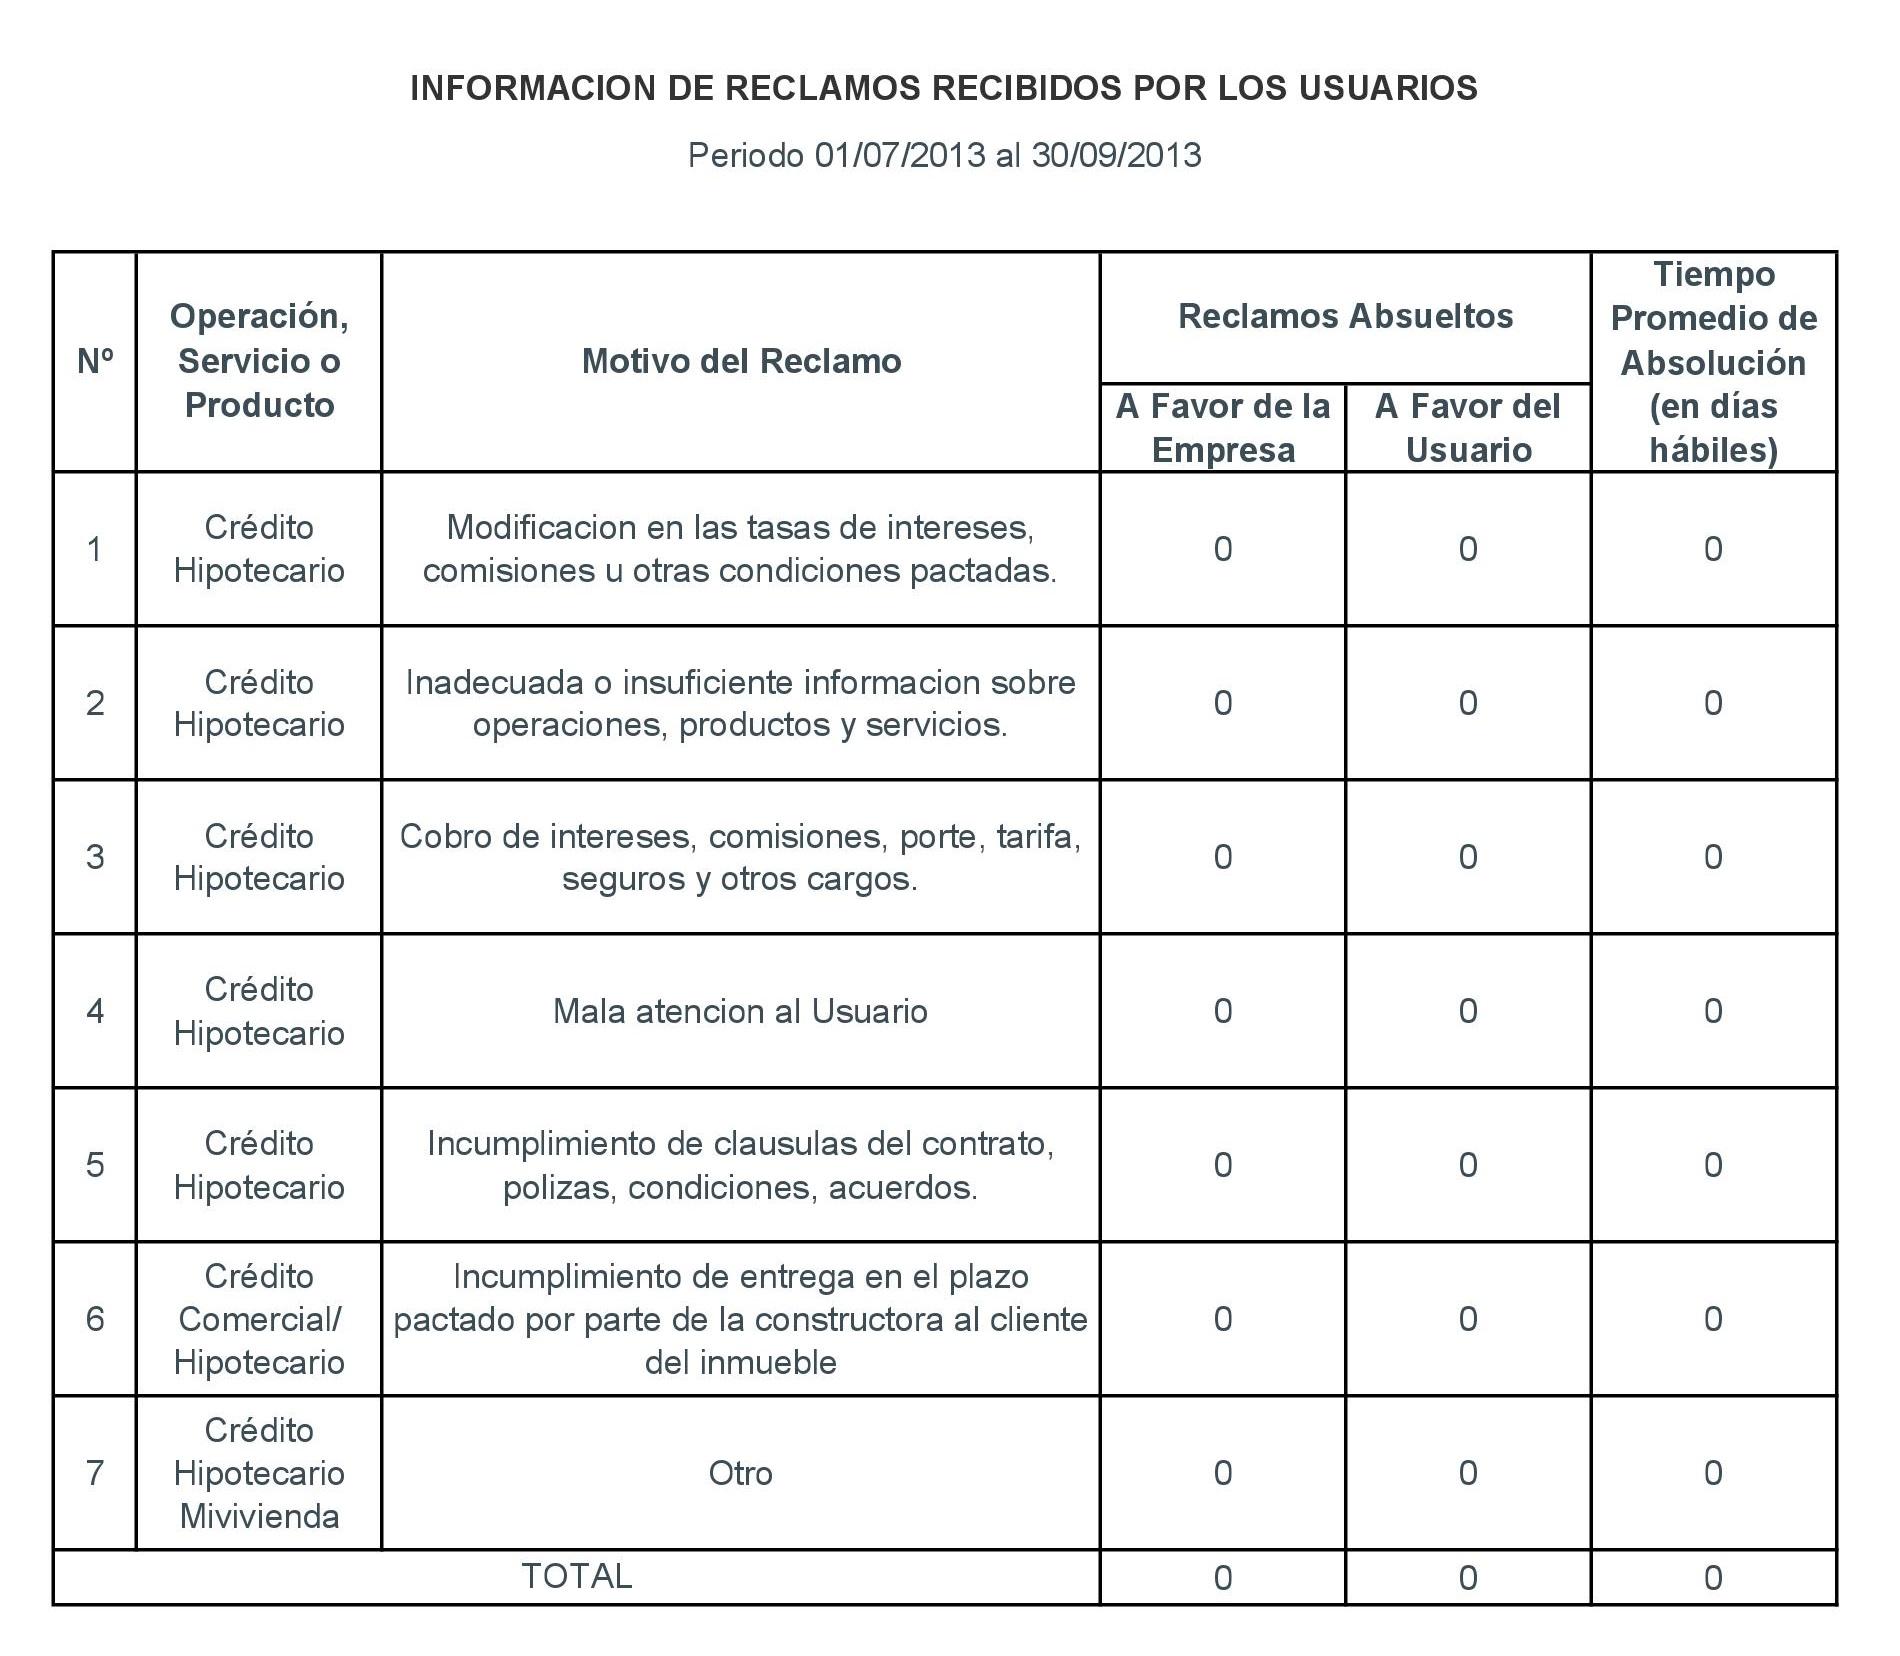 Periodo 01-07-2013 al 30-09-2013